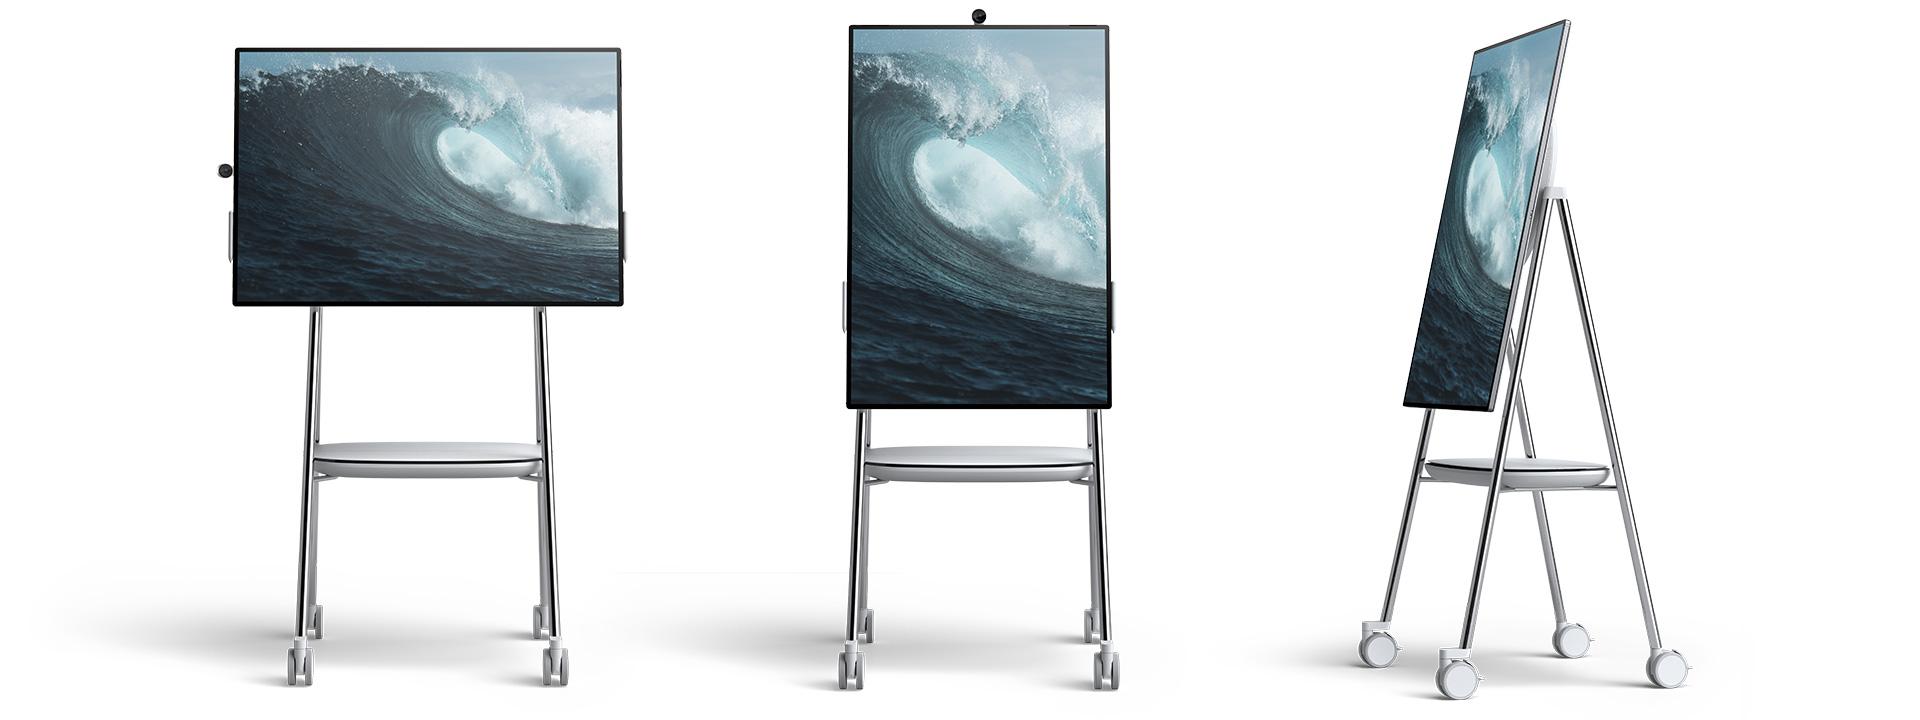 Três Surface Hub 2 em suportes móveis desenhados pela Steelcase